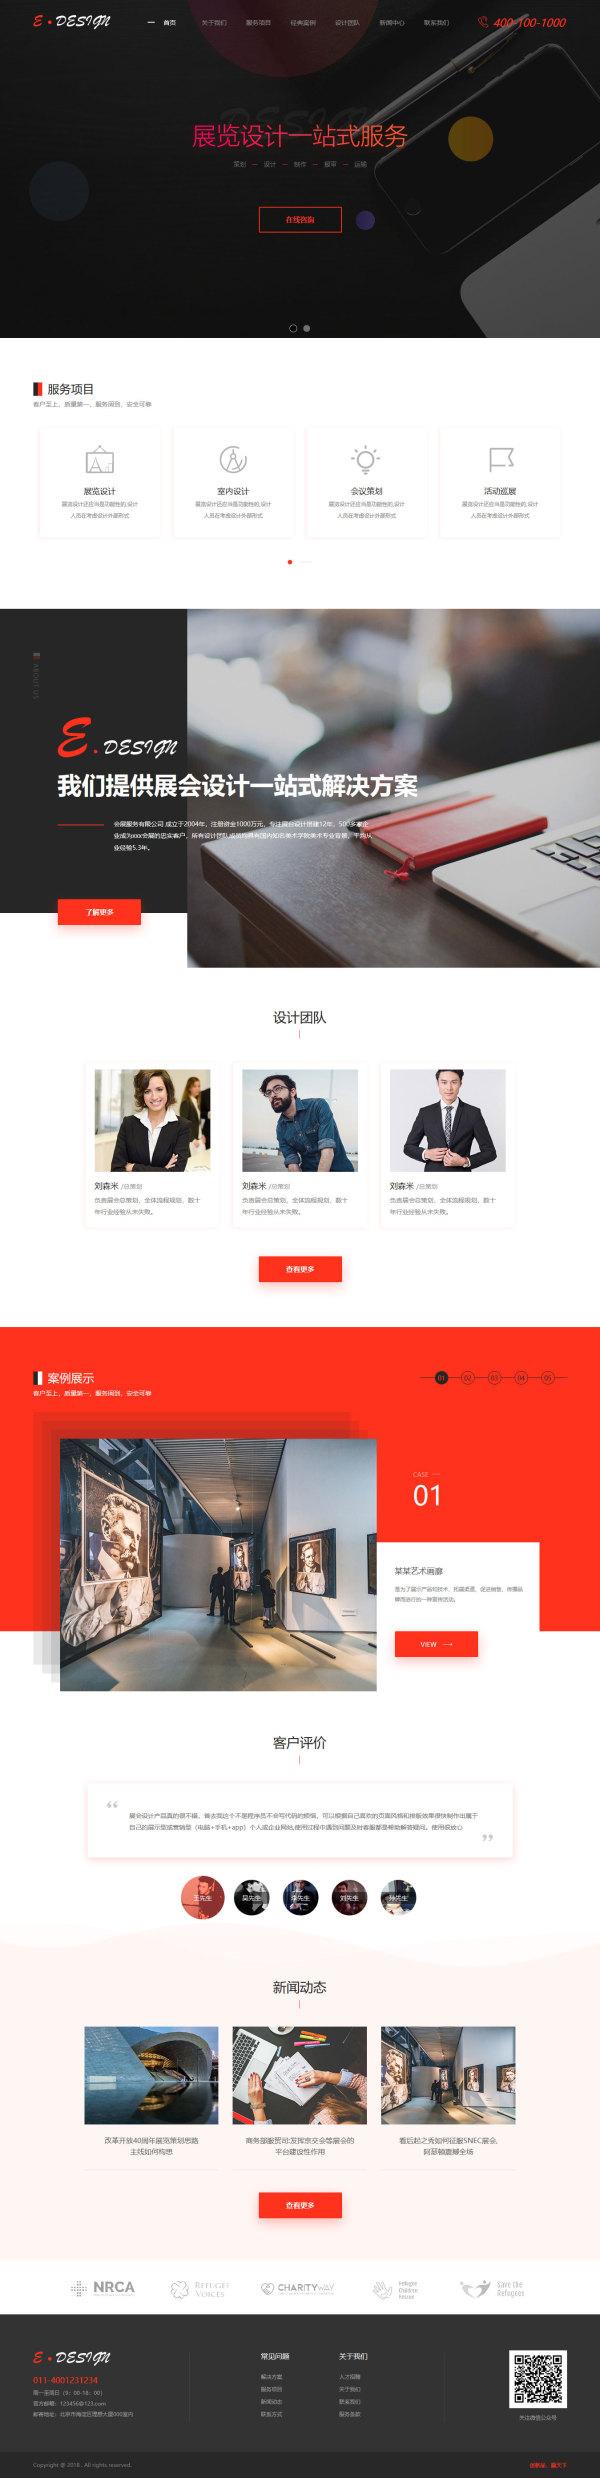 网站模板建站-广告设计展览策划公司企业网站 编号17